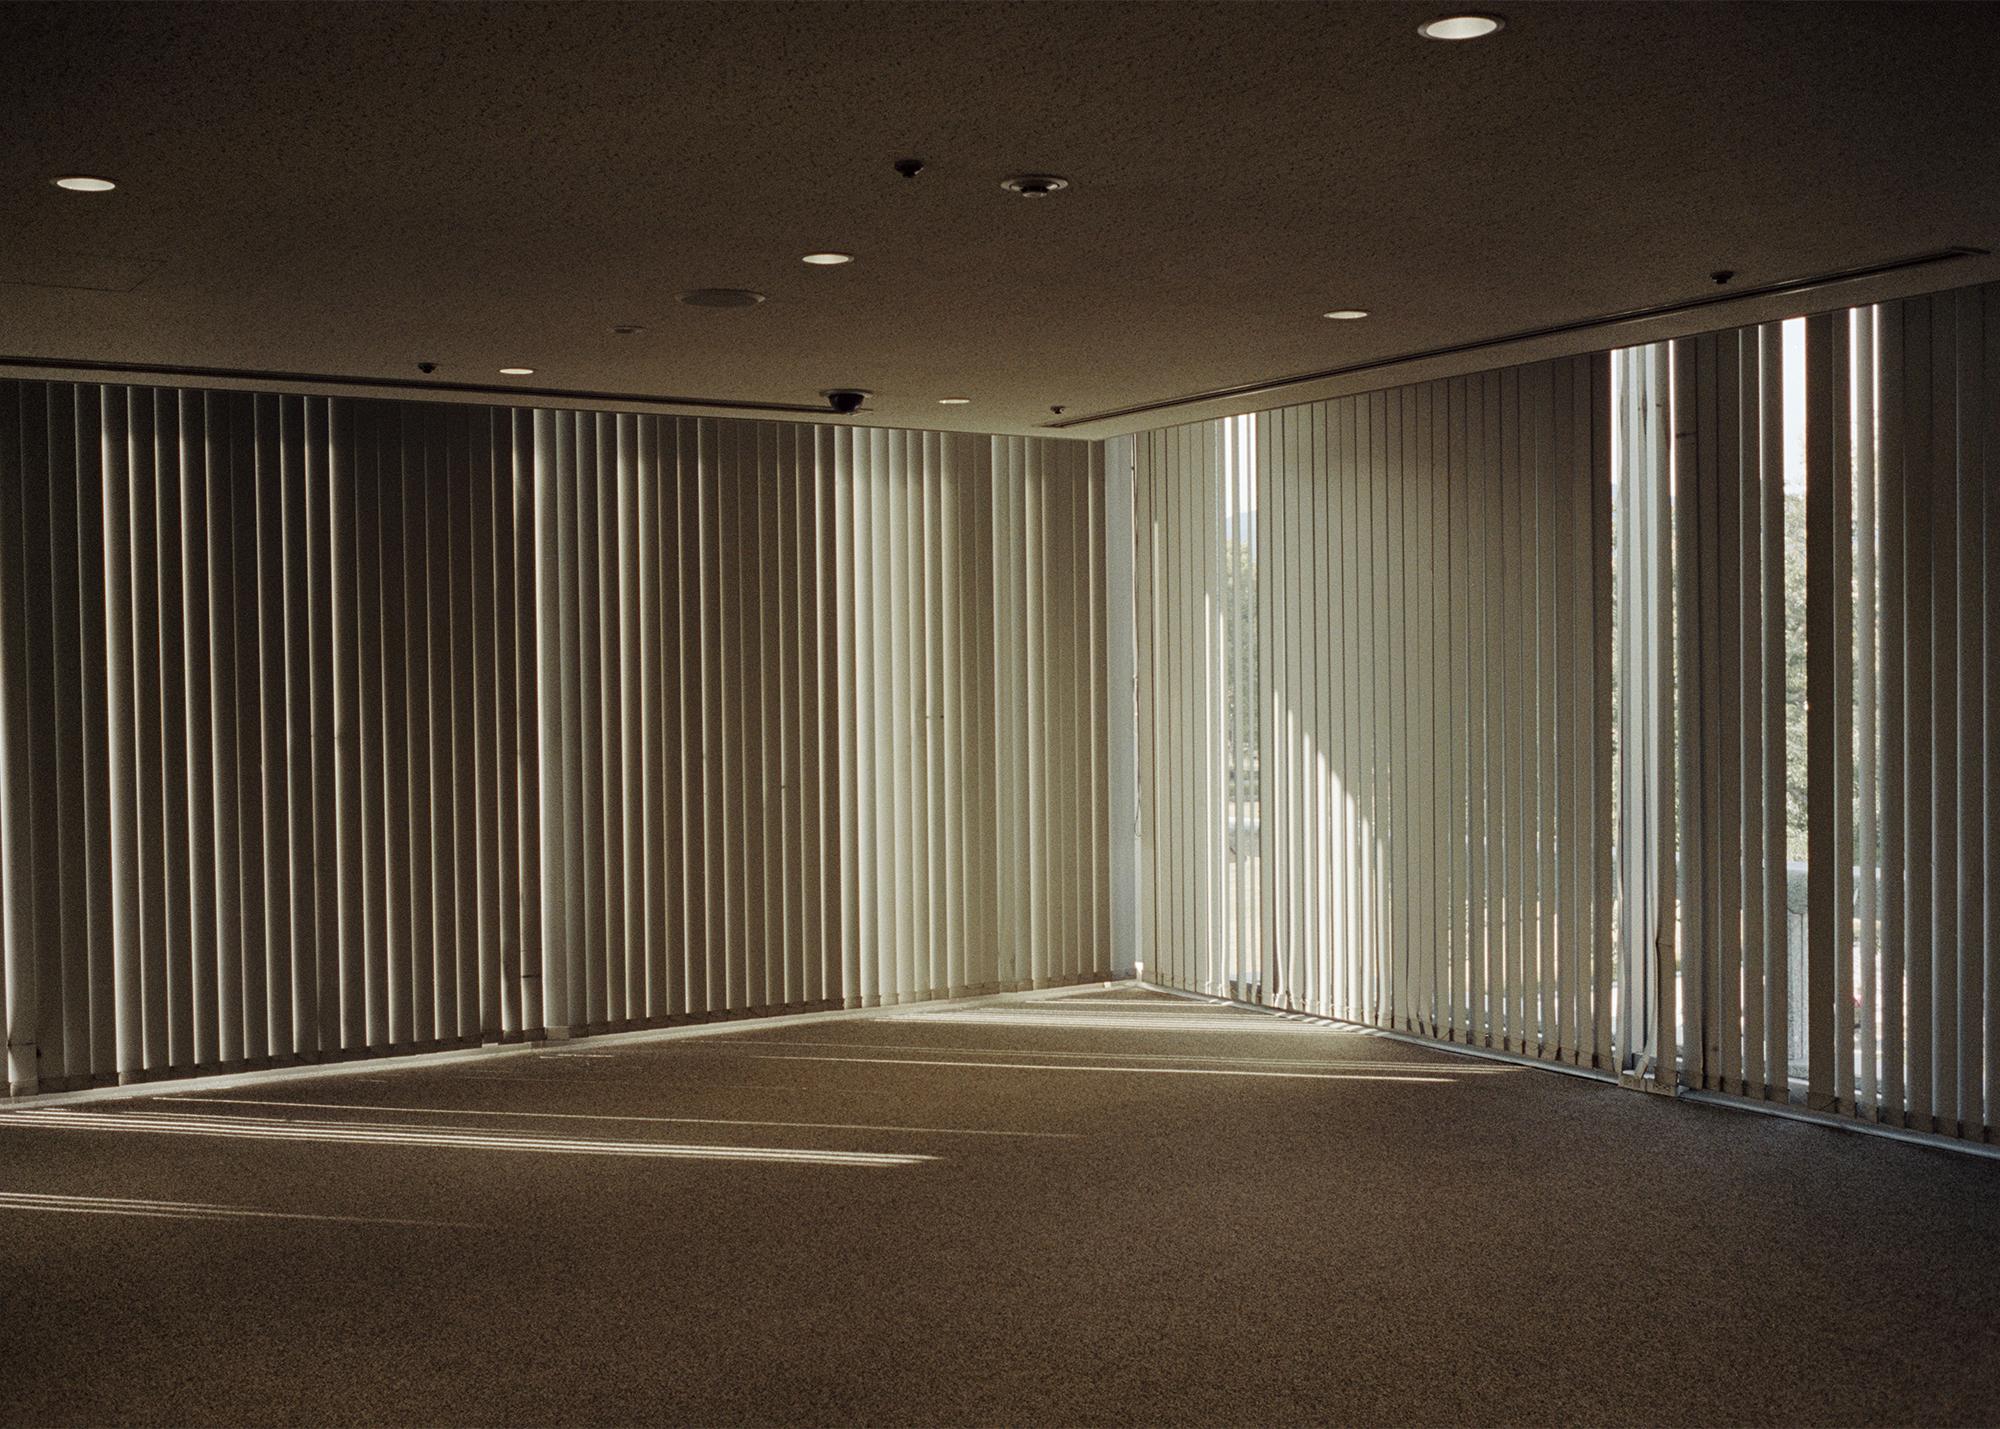 6_blinds.jpg